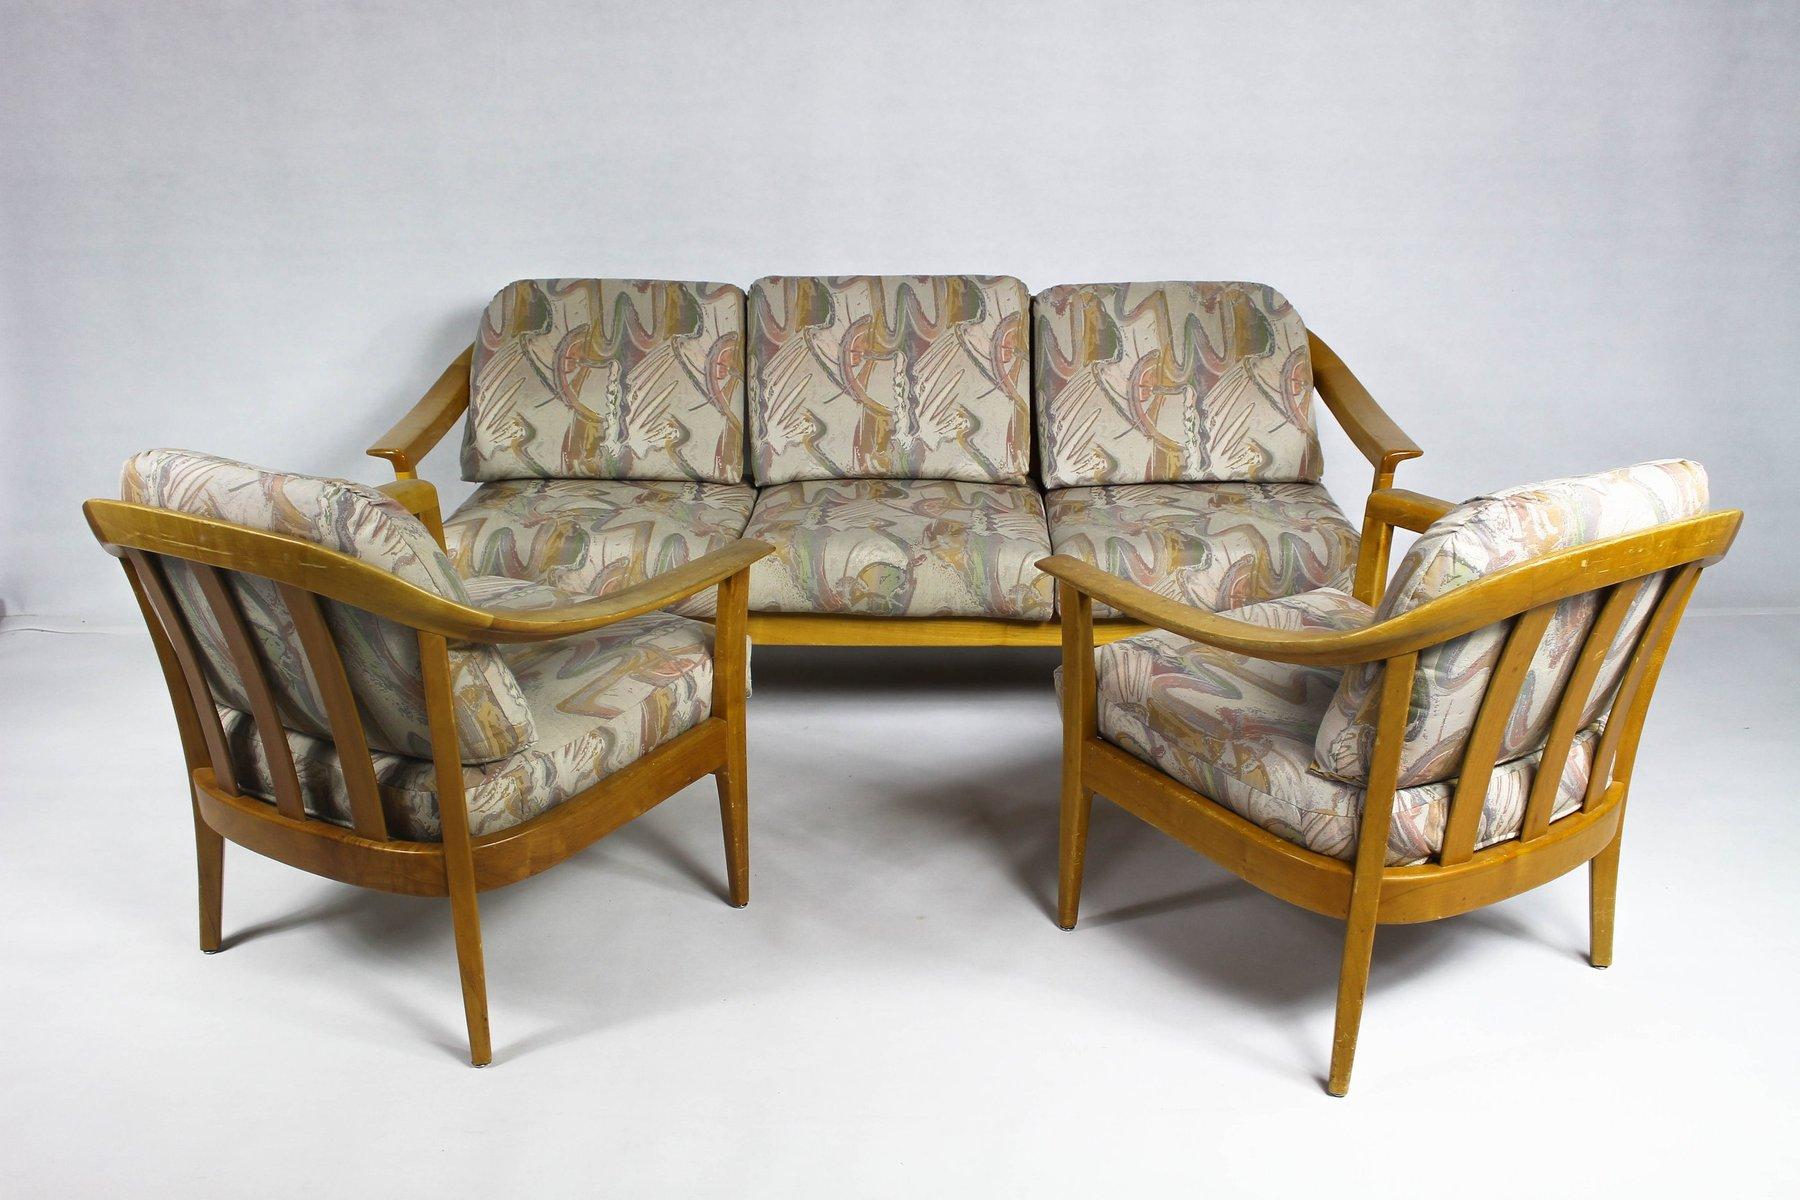 Deutsches Vintage Wohnzimmer Set Aus Kirschholz Von Wilhelm Knoll Für Knoll  Inc. / Knoll International